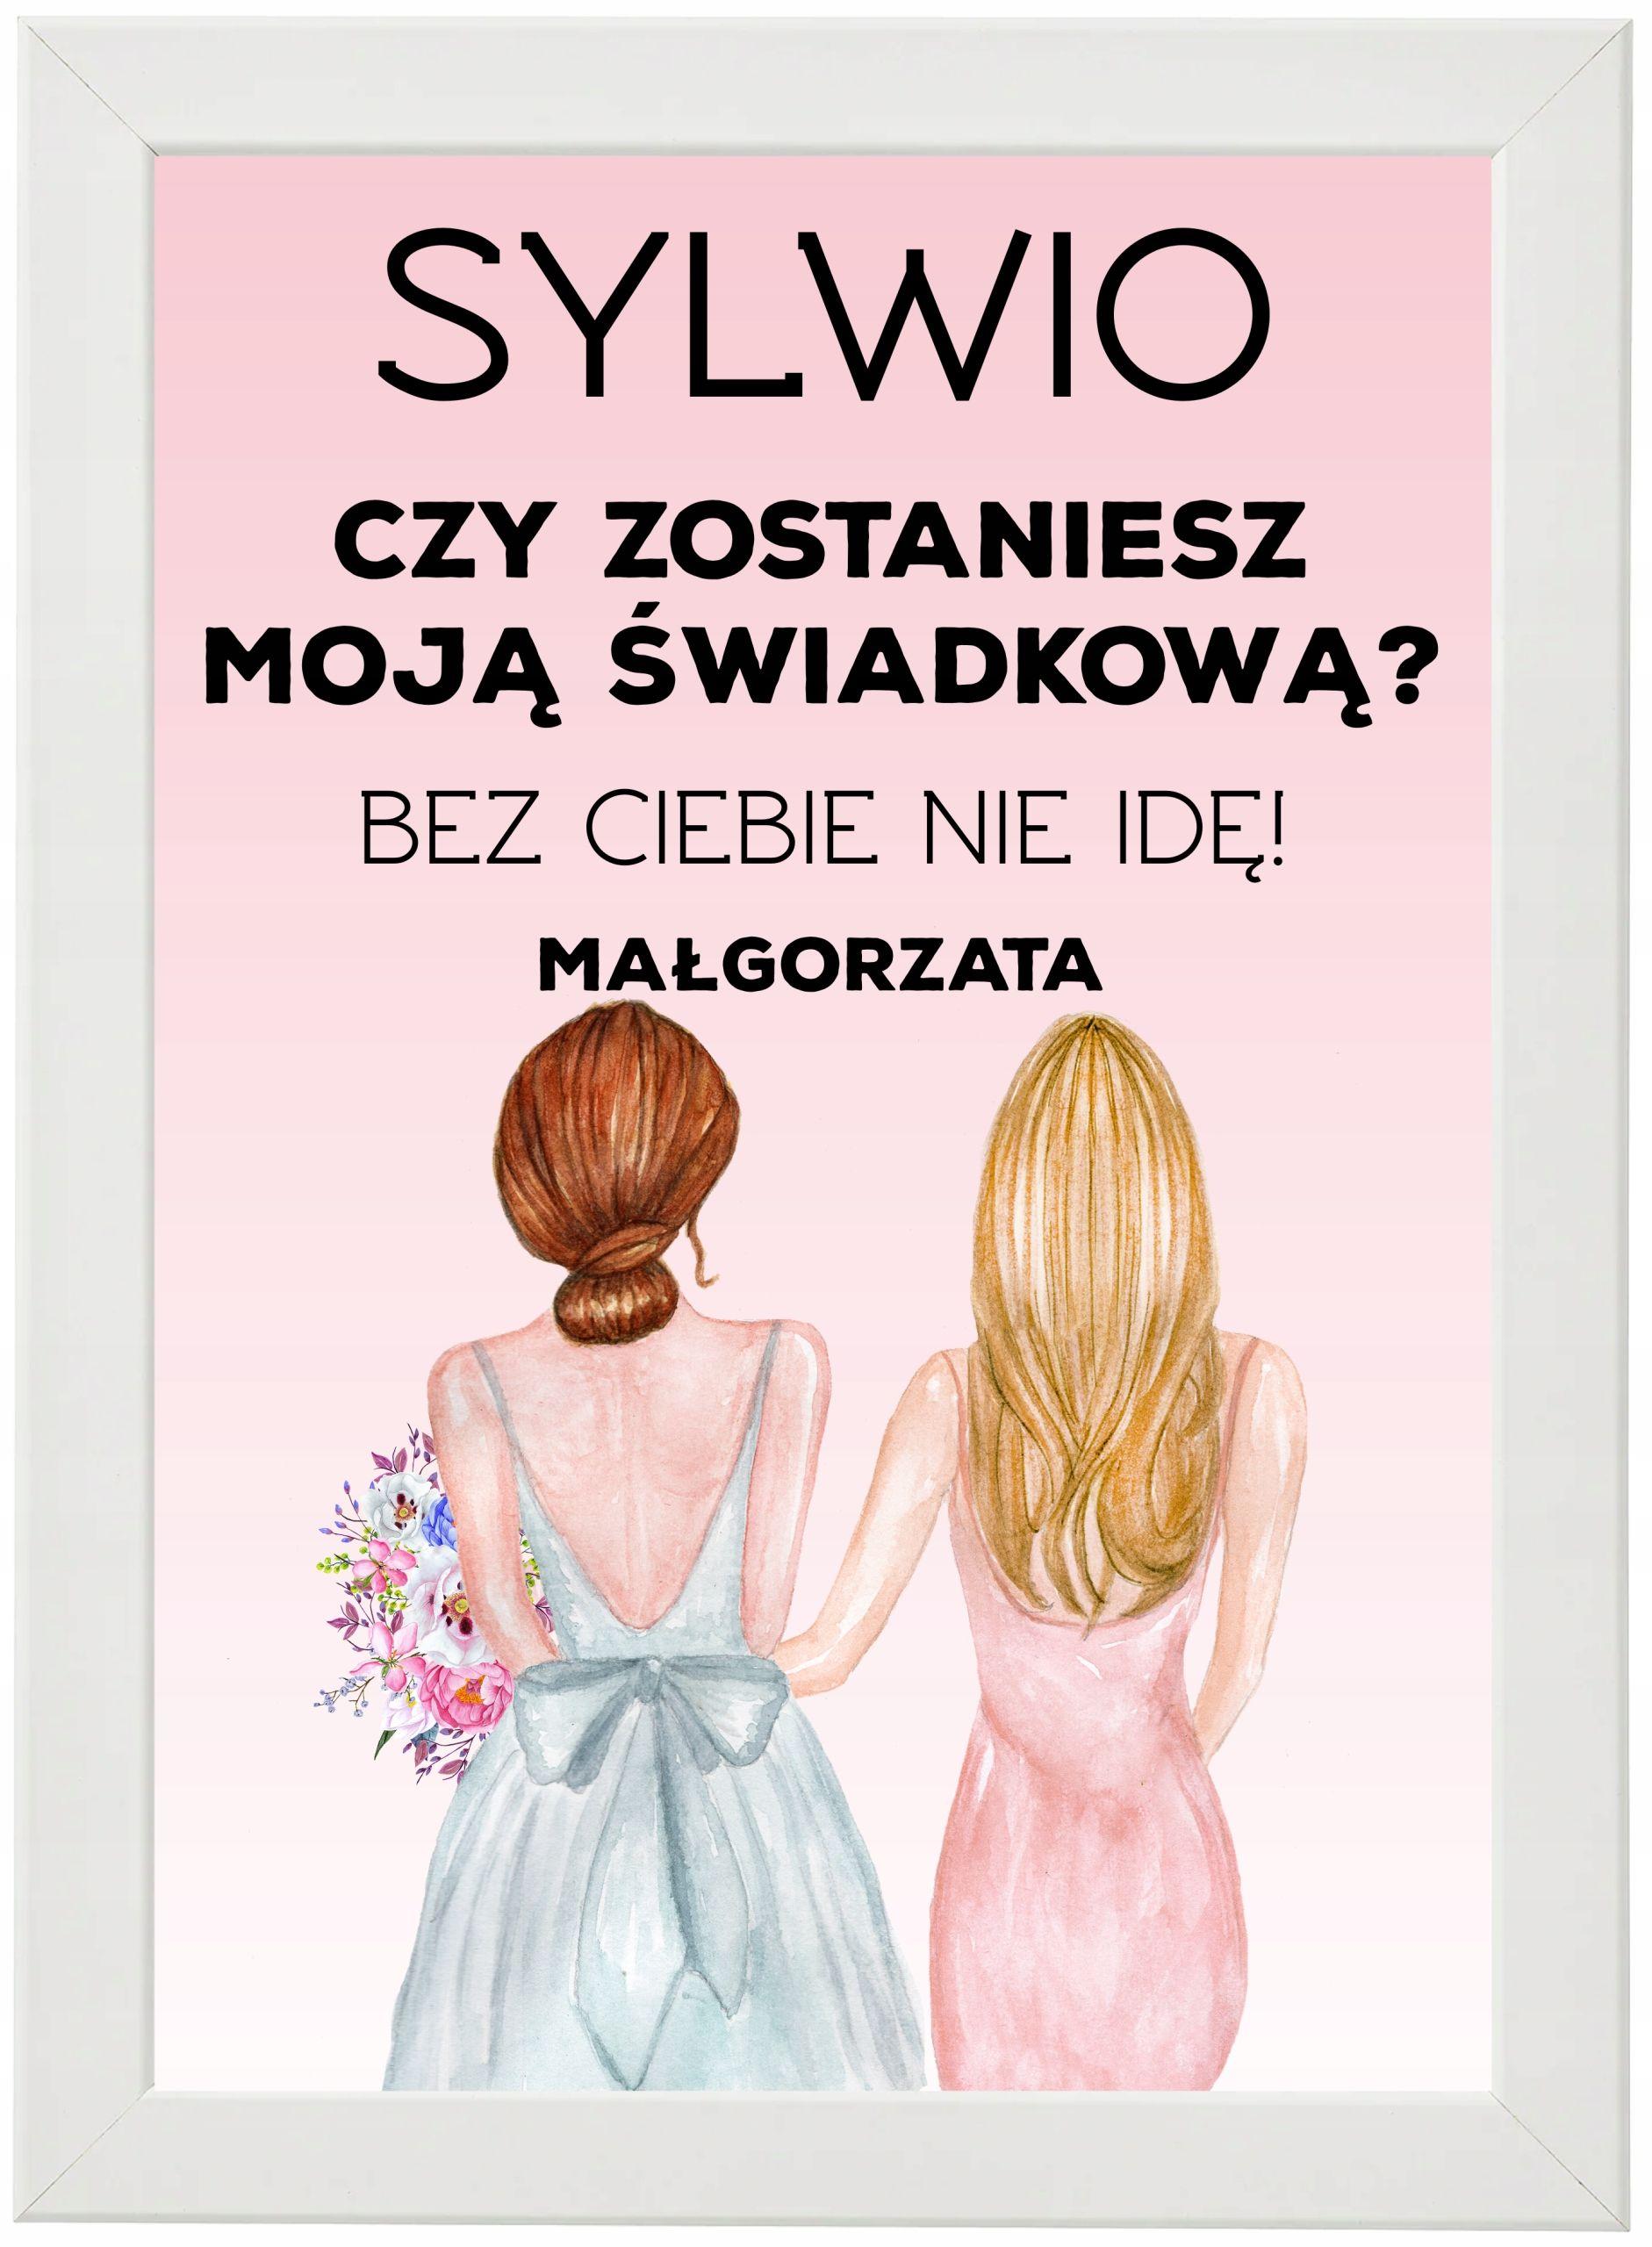 Moj Pierwszy Zielnik Maja Graniszewska Allegro Pl Cena 22 94 Zl Stan Nowy Bielsko Biala Book Cover Books Plants